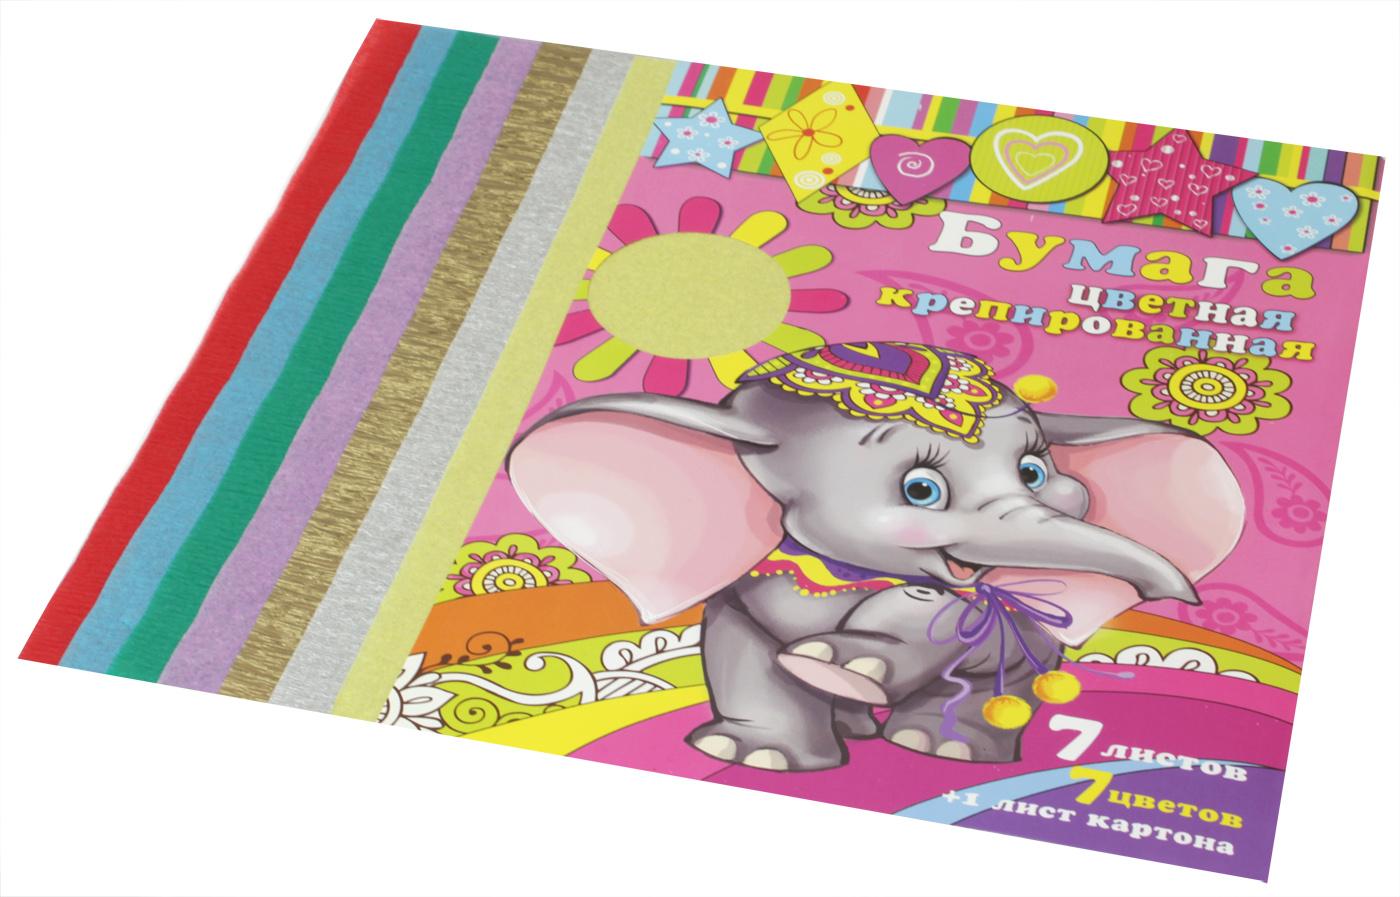 Феникс+ Крепированная металлизированная бумага 7 листов + 1 лист картона72523WDНабор цветной бумаги Феникс+ позволит создавать всевозможные аппликации и поделки. Набор включает 5 листов крепированной металлизированной бумаги и лист картона. Цвета бумаги в наборе: красный, желтый, голубой, зеленый, коричневый, серебристый, золотистый. Такая бумага может использоваться для упаковки, поделок, декорирования и других видов творчества.